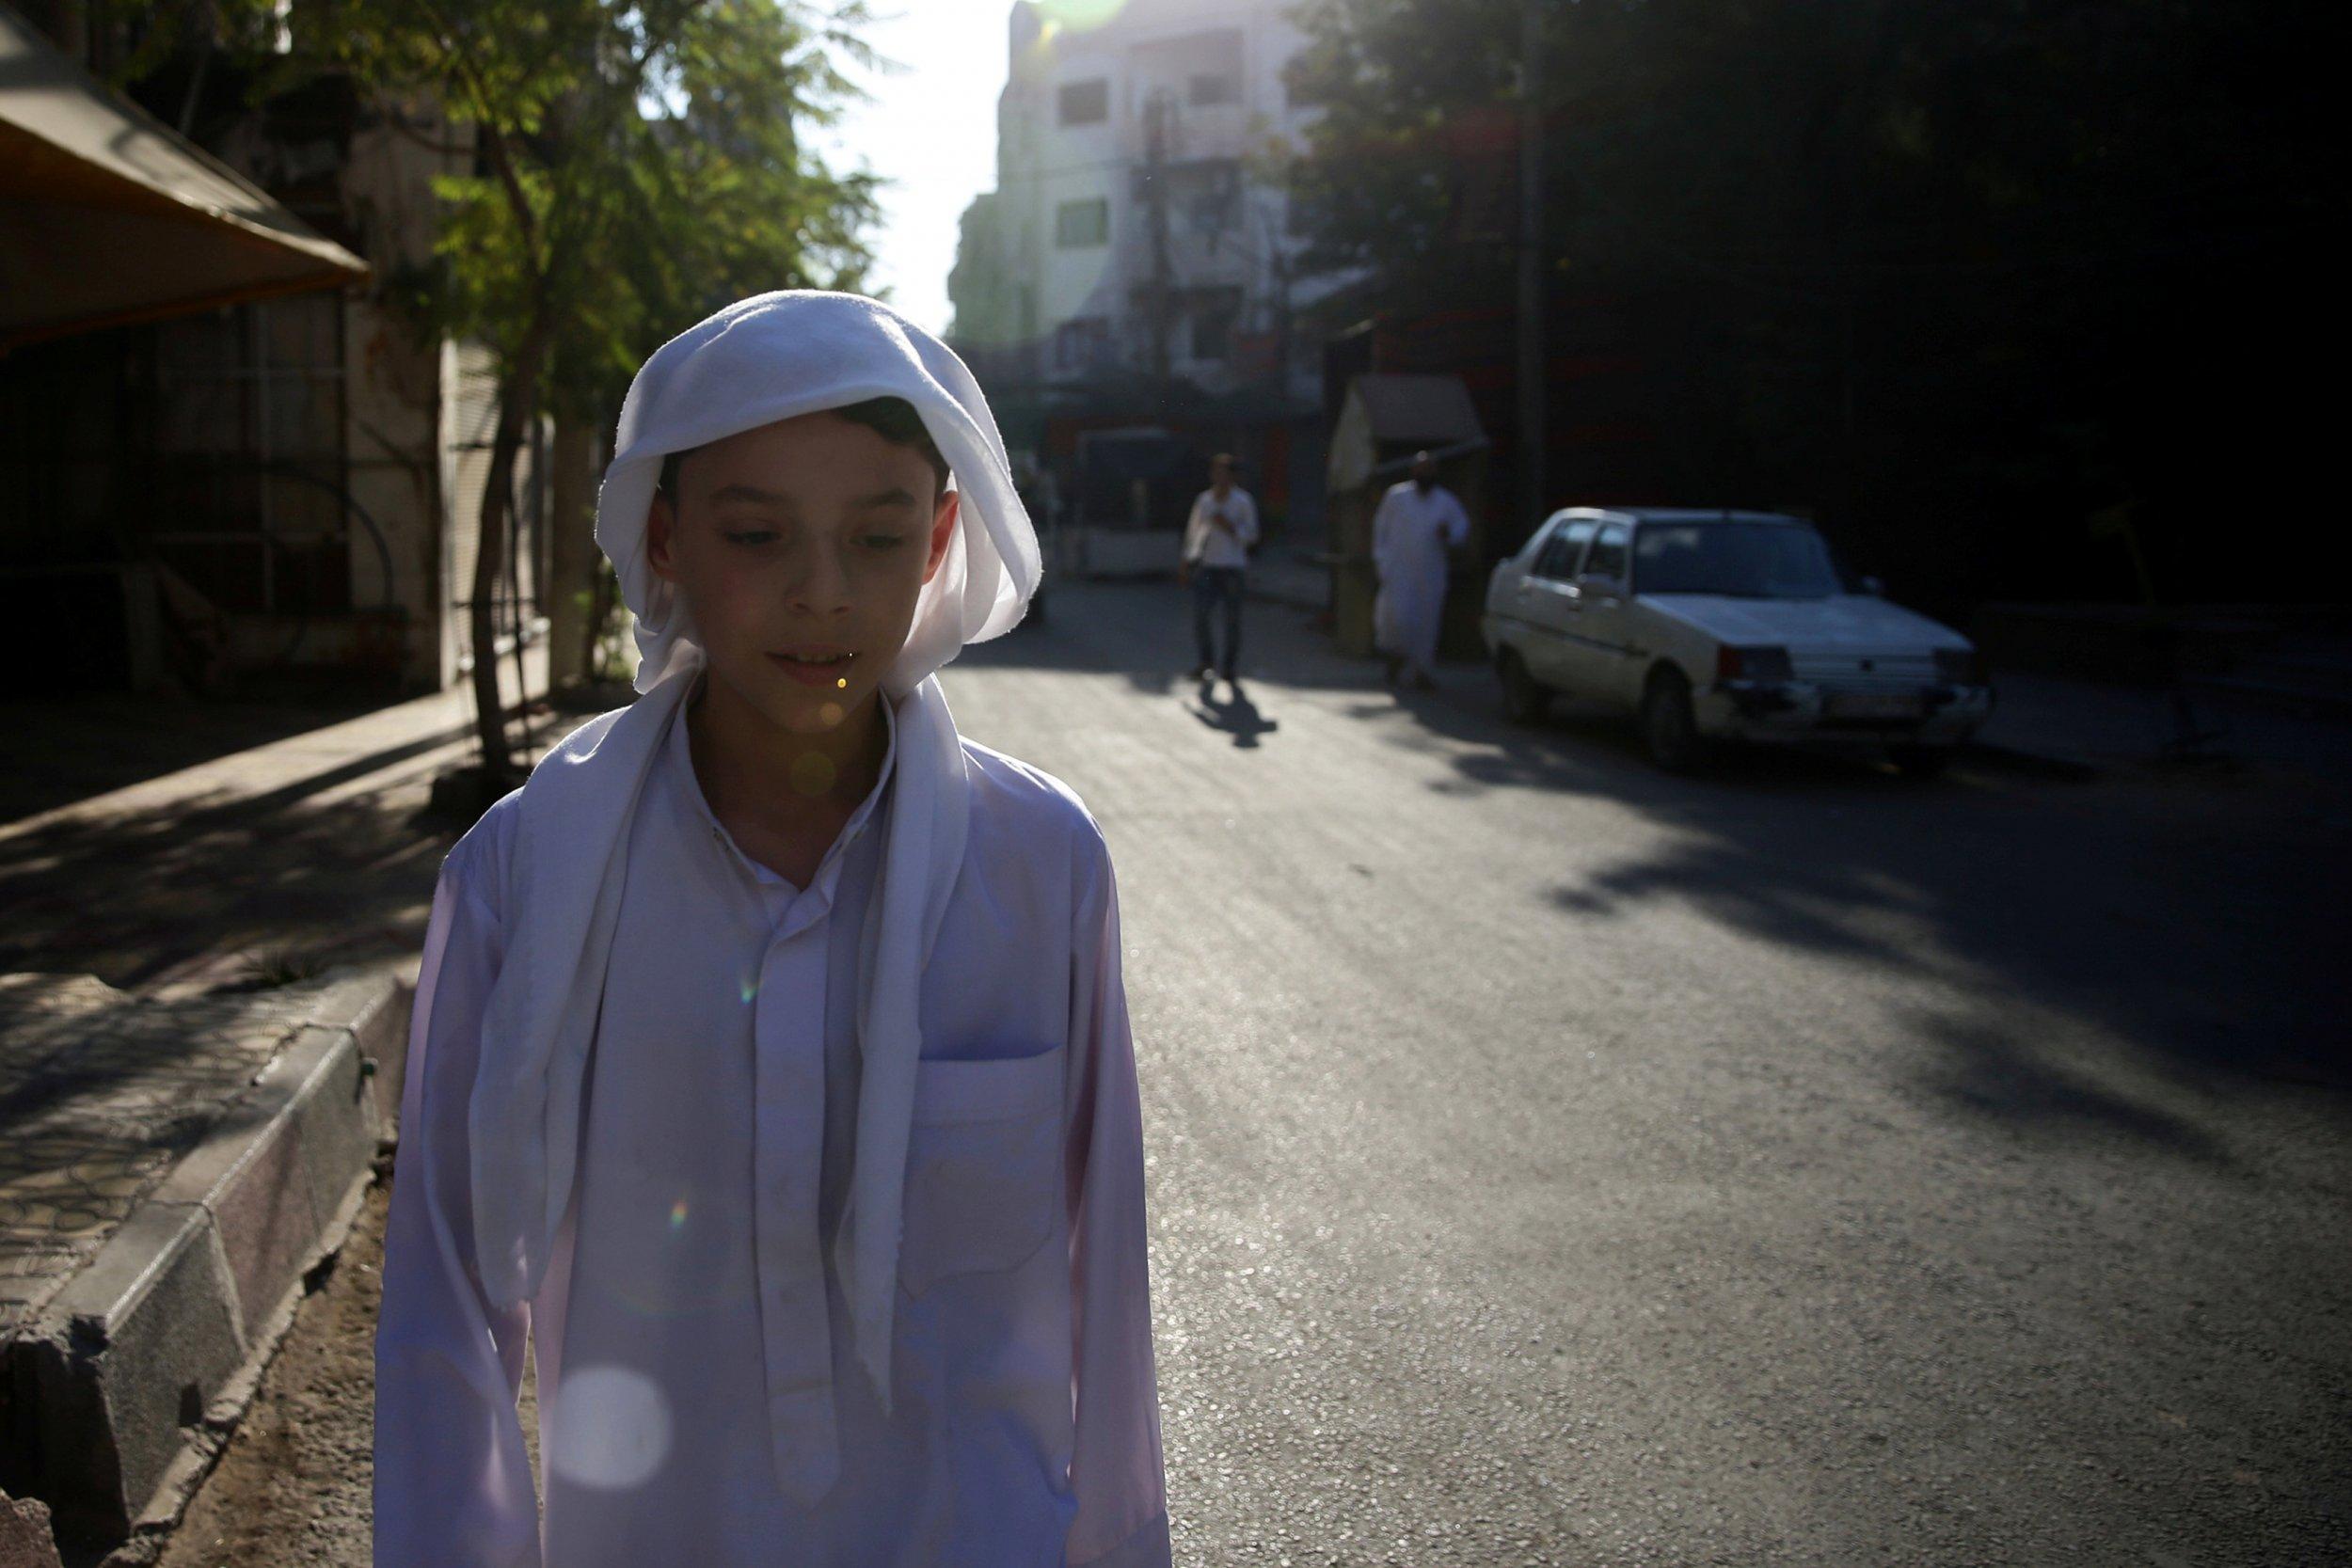 Syria boy walks in Douma